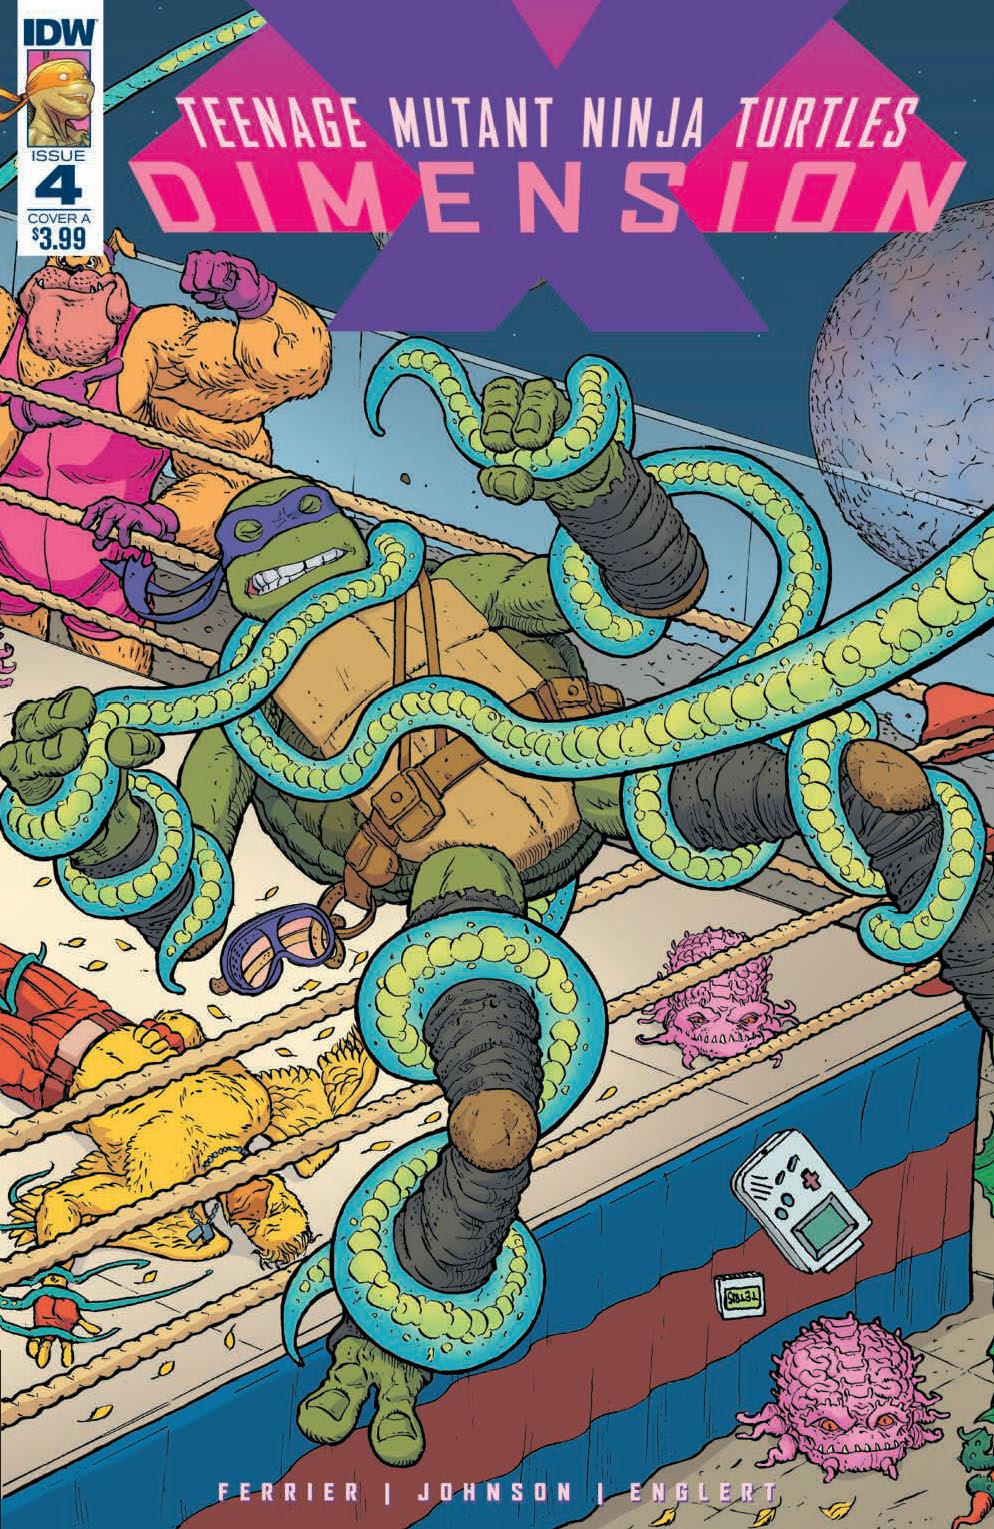 Teenage Mutant Ninja Turtles: Dimension X #4